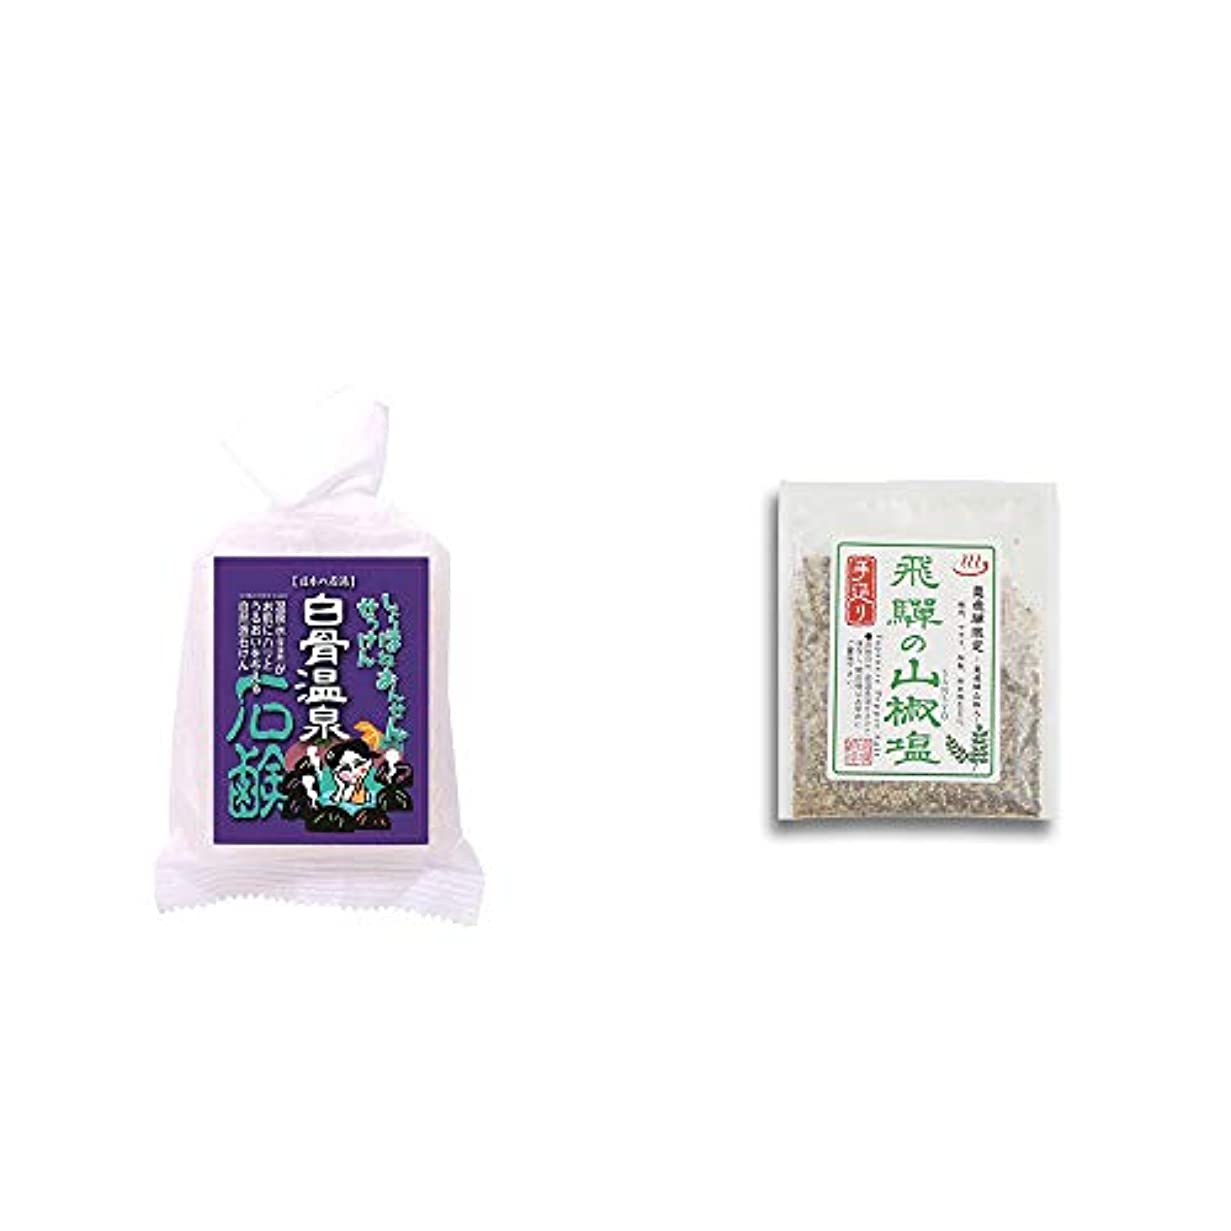 保険をかけるコンテストベアリングサークル[2点セット] 信州 白骨温泉石鹸(80g)?手造り 飛騨の山椒塩(40g)